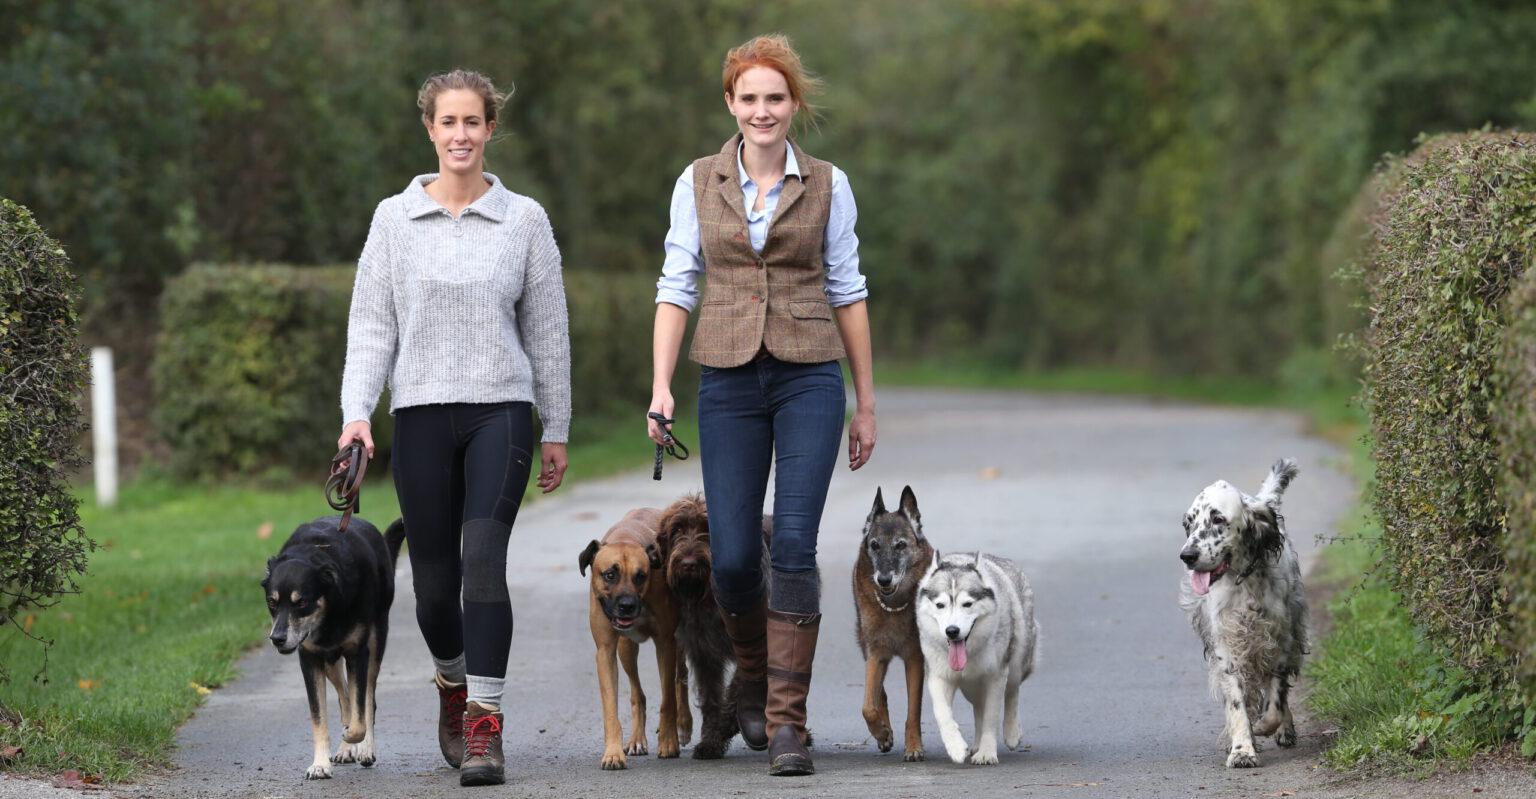 Hundetrainerinnen Ramona und Julia beim Spaziergang